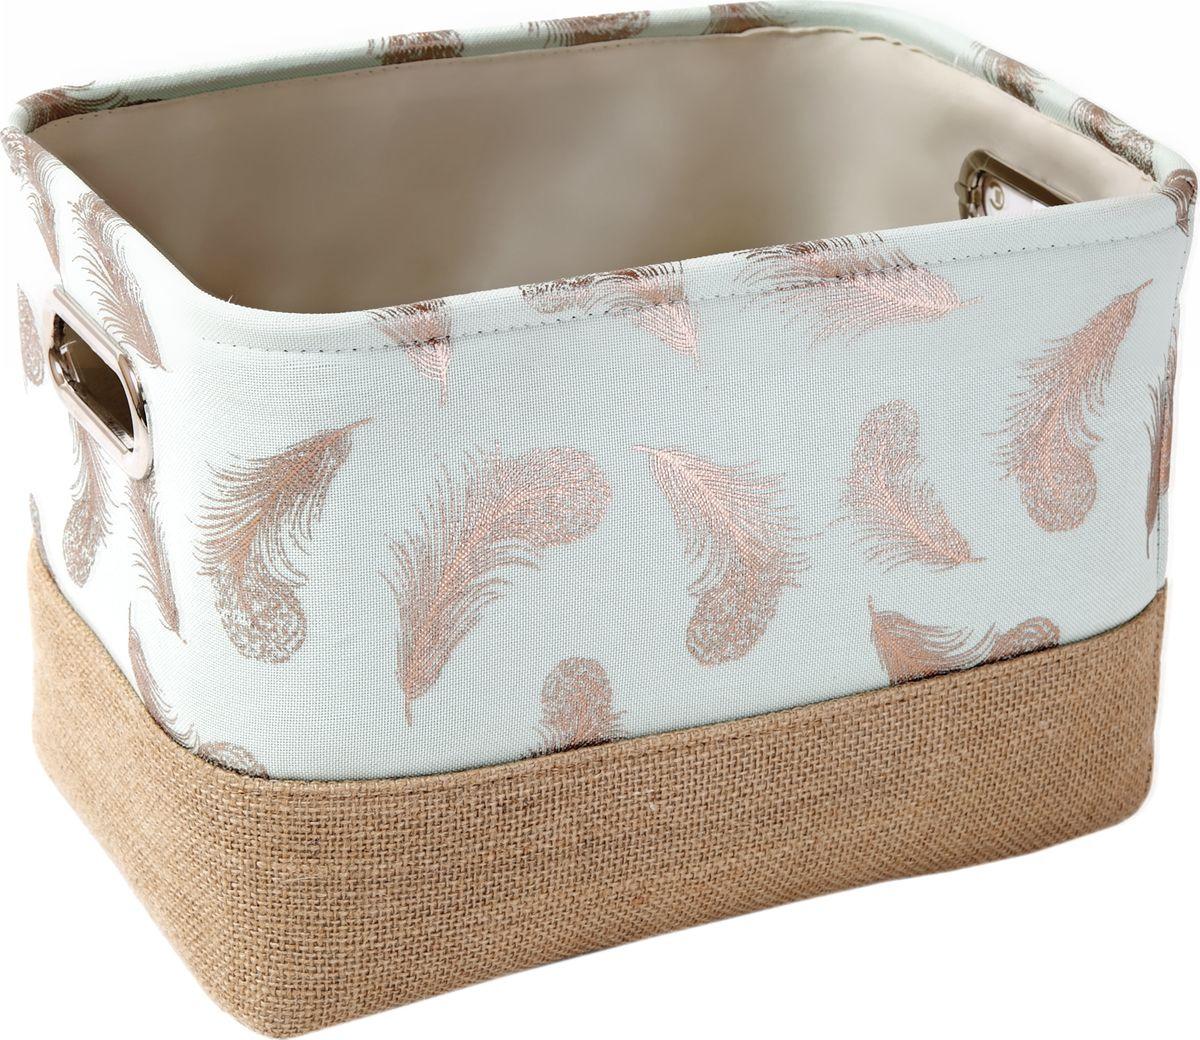 Корзина для белья Magic Home Золотистые перышки, 79567, зеленый, 22 x 32 x 22 см корзина складная outwell folding basket цвет зеленый 50 x 29 x 25 см